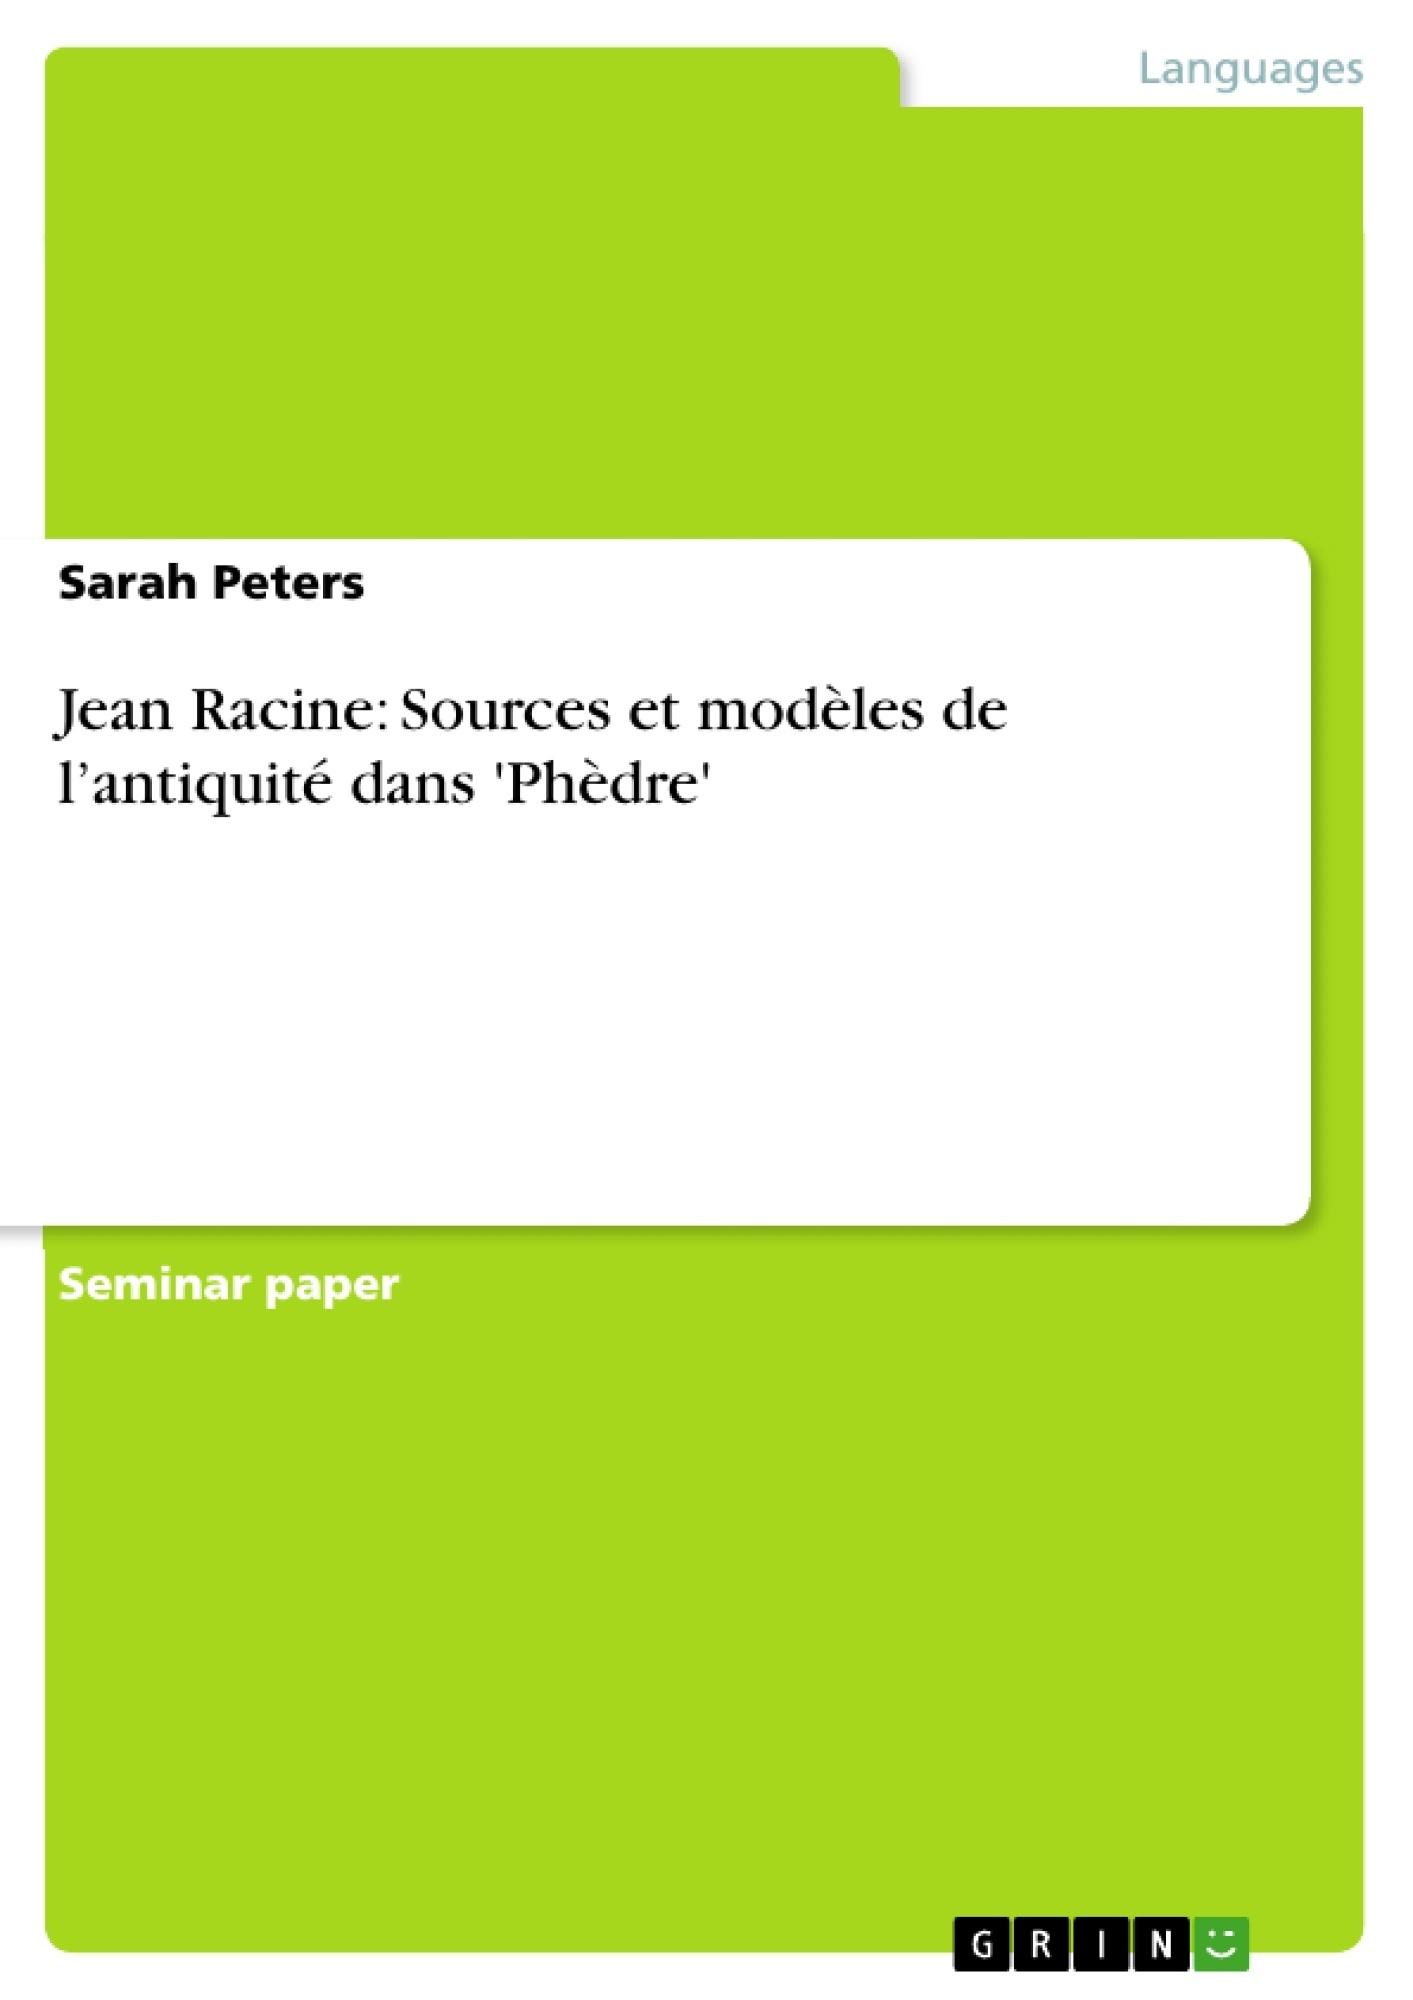 Titre: Jean Racine: Sources et modèles de l'antiquité dans 'Phèdre'